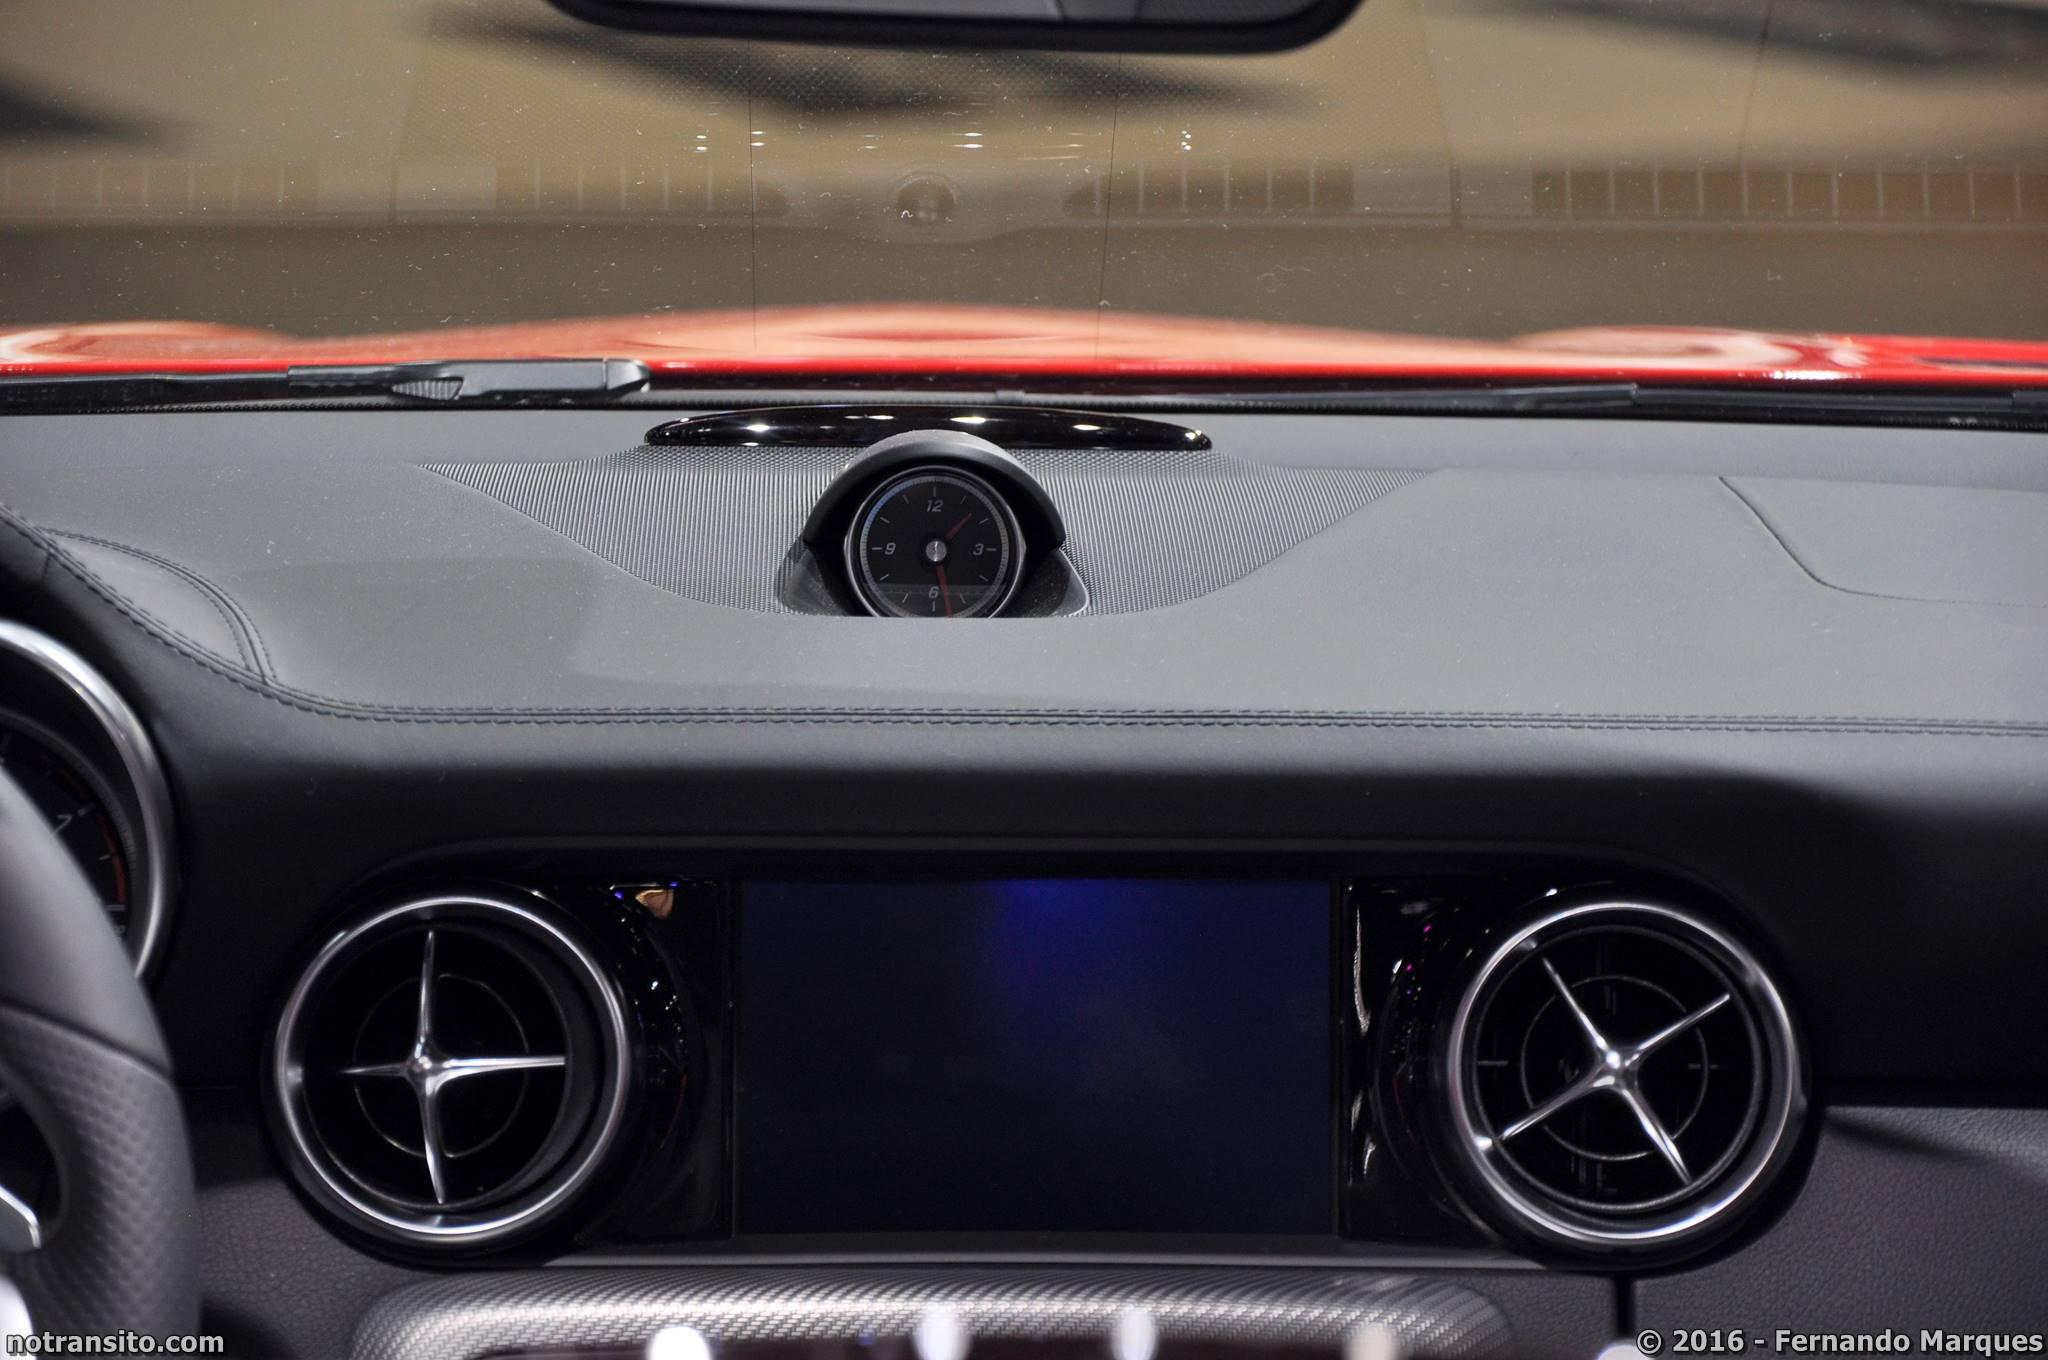 Mercedes-AMG SLC 43 Salão do Automóvel 2016